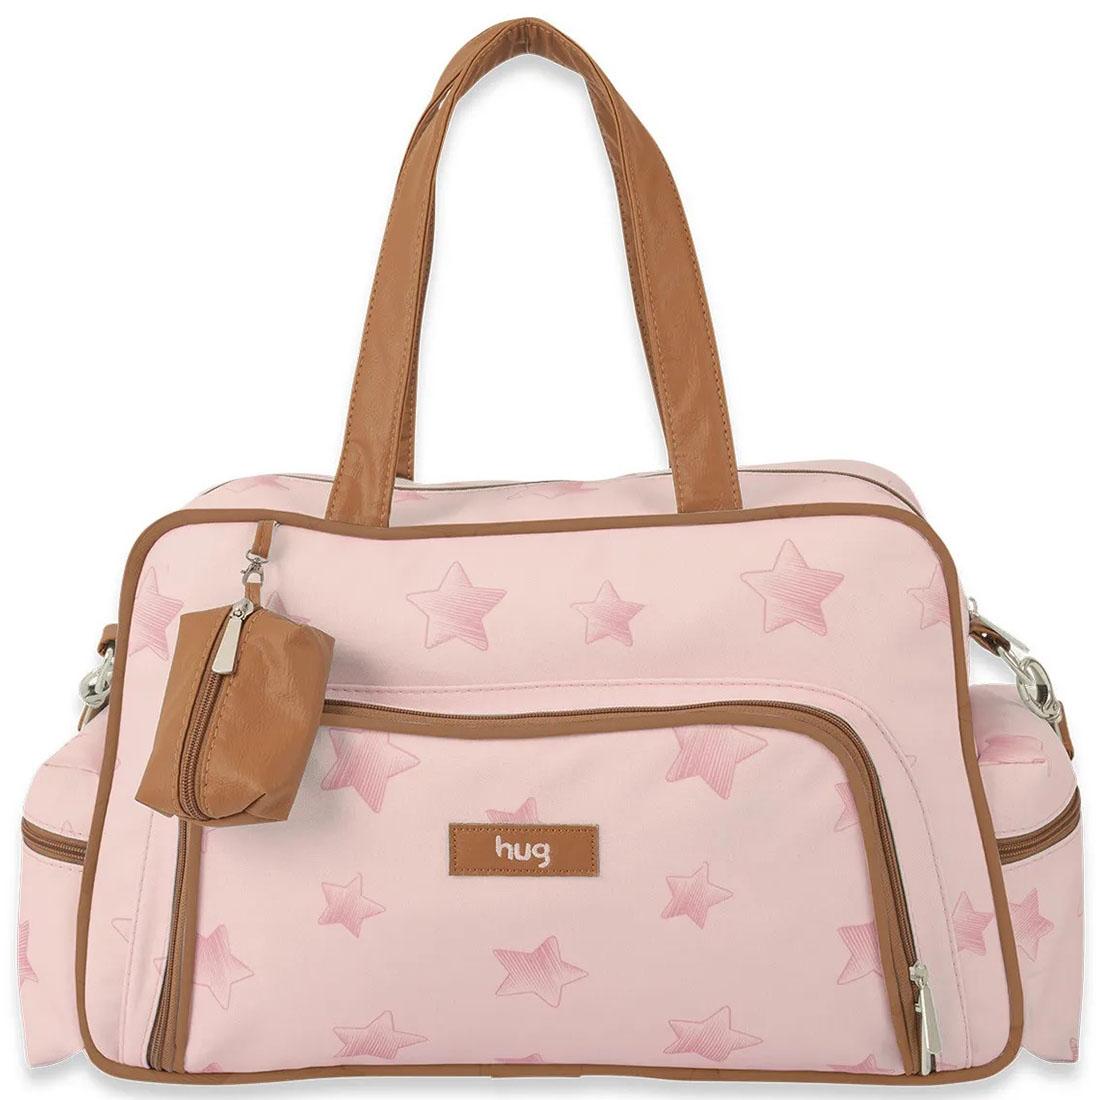 Bolsa Maternidade Hug G Céu Estrelado Com Trocador Rosa